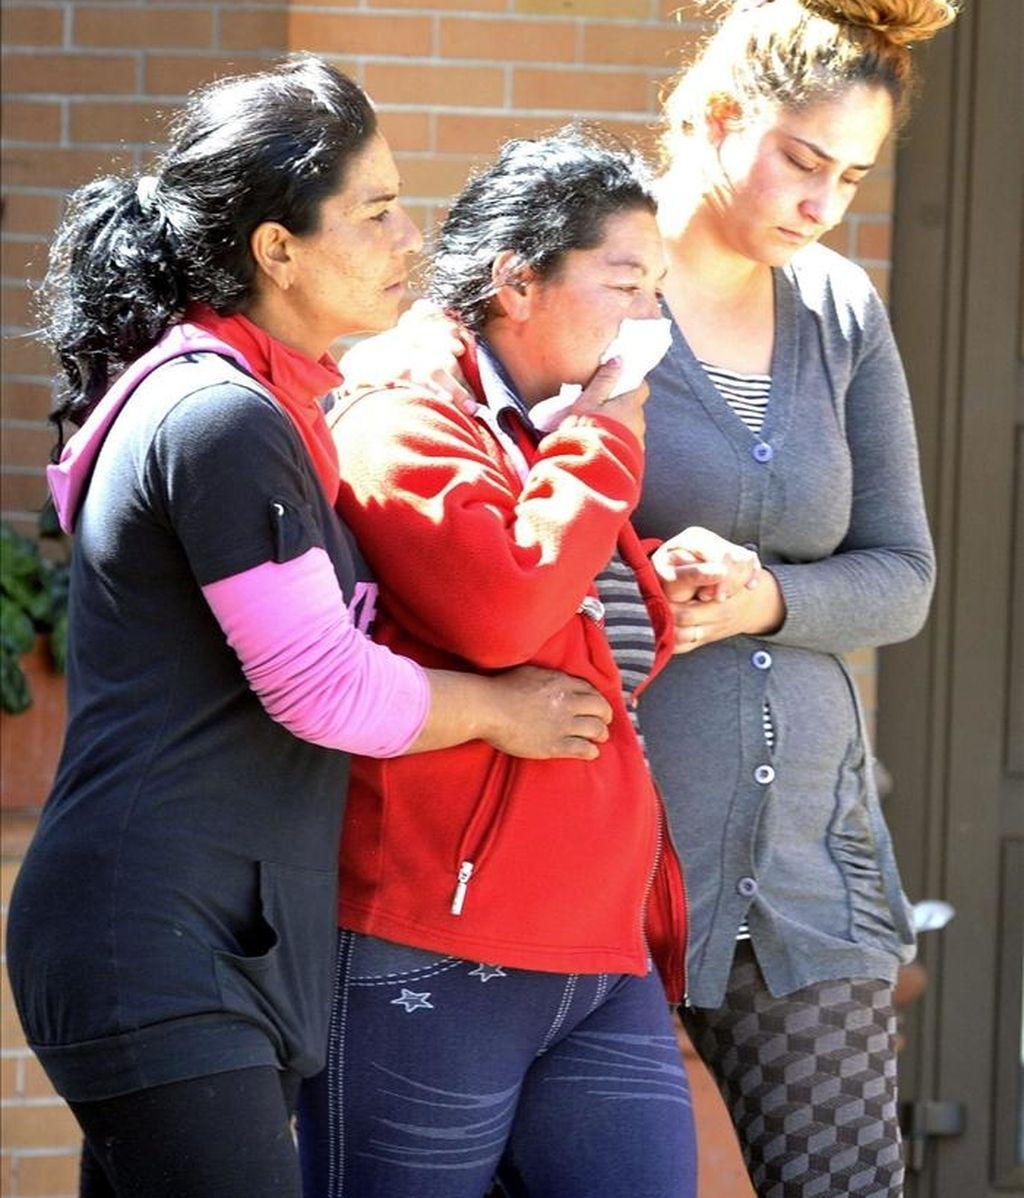 La madre del niño de seis años cuyo cadáver fue encontrado en la parte trasera de su edificio en Granada, tras caer desde el tercer piso de este bloque, es acompañada por familiares en el cementerio granadino de San José. EFE